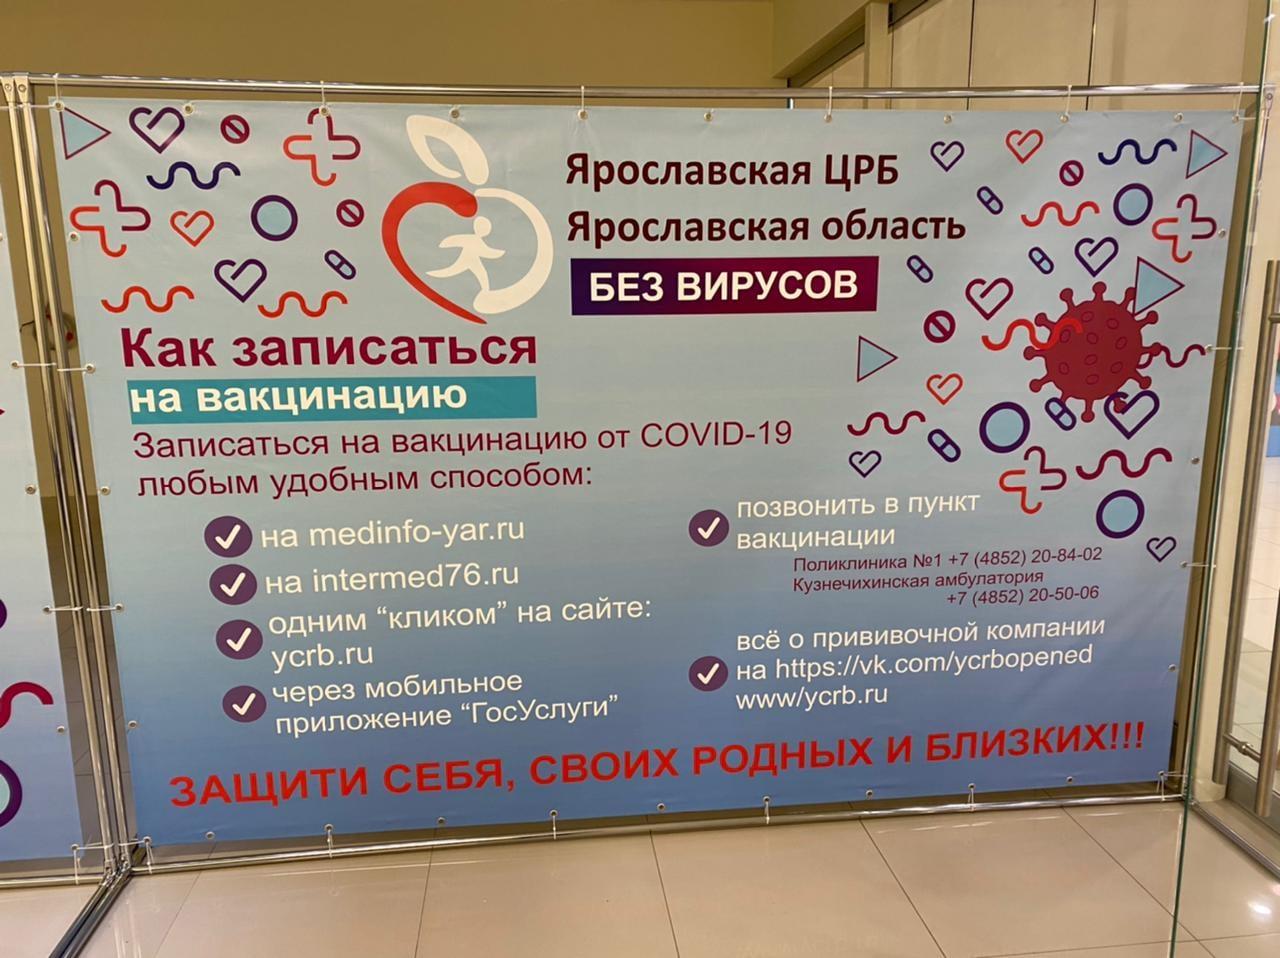 Ярославцы могут выиграть смартфон за вакцинацию от коронавируса